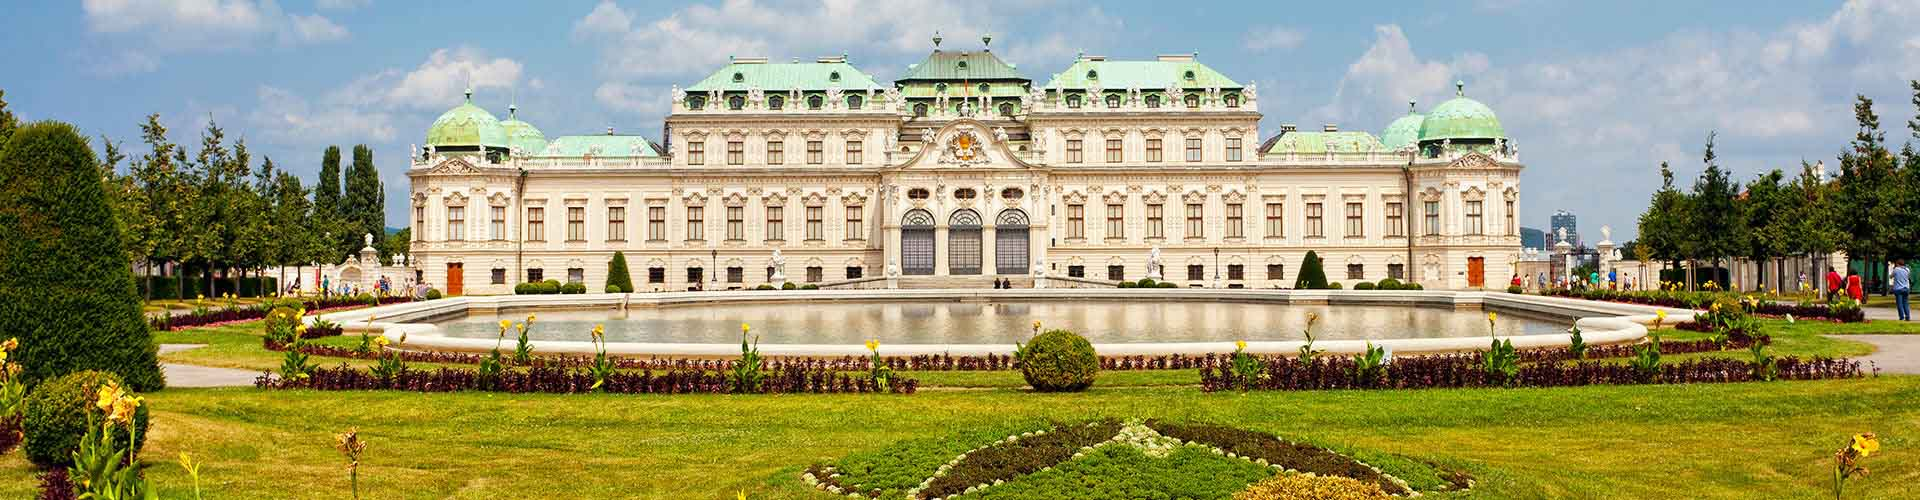 비엔나 - Favoriten지역에 위치한 호스텔. 비엔나의 지도, 비엔나에 위치한 호스텔에 대한 사진 및 리뷰.